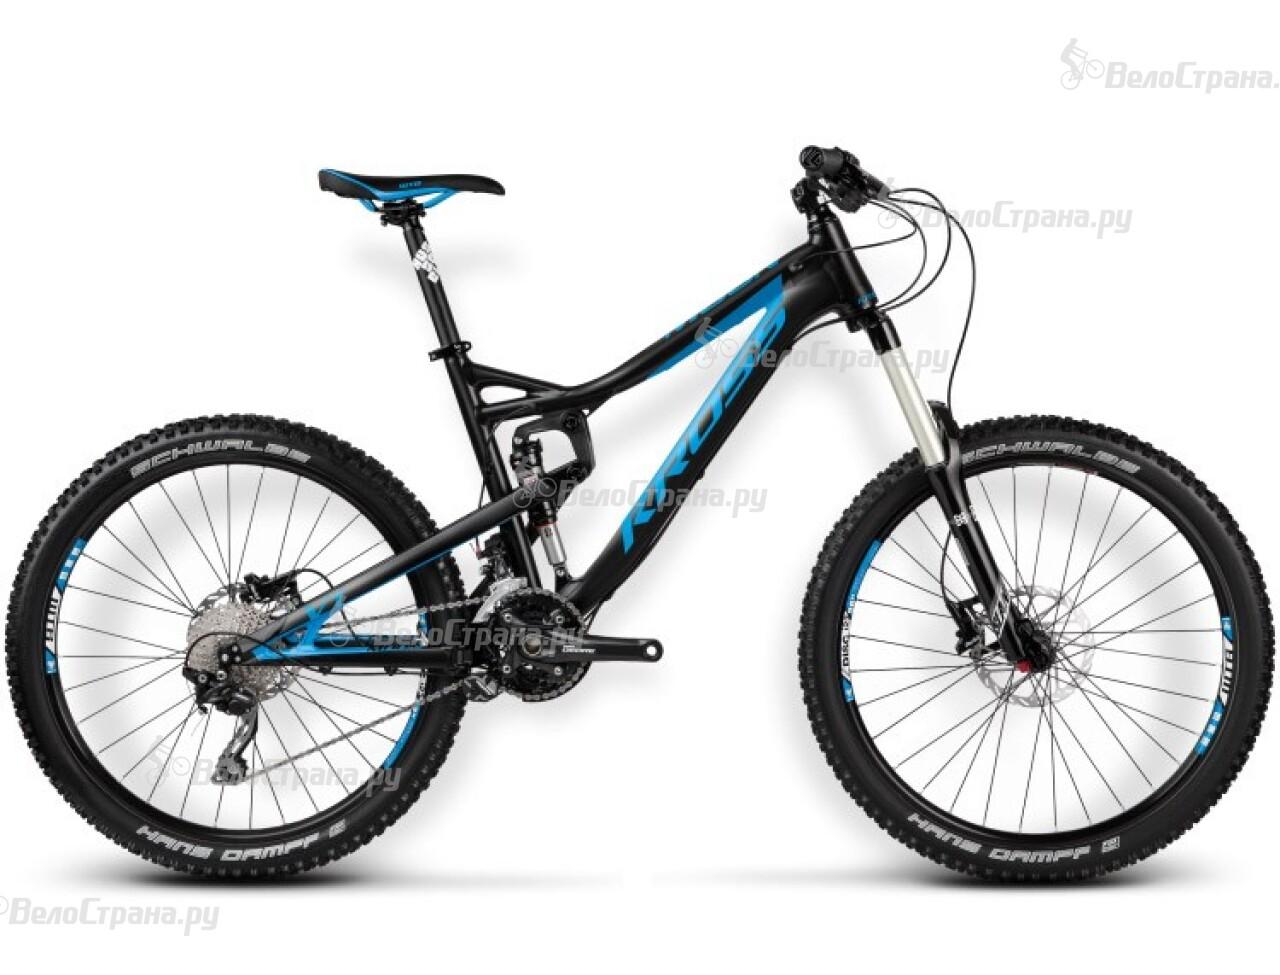 Велосипед Kross MOON V1 (2015) ns10 tv00b v1 ns10 tv00 v1